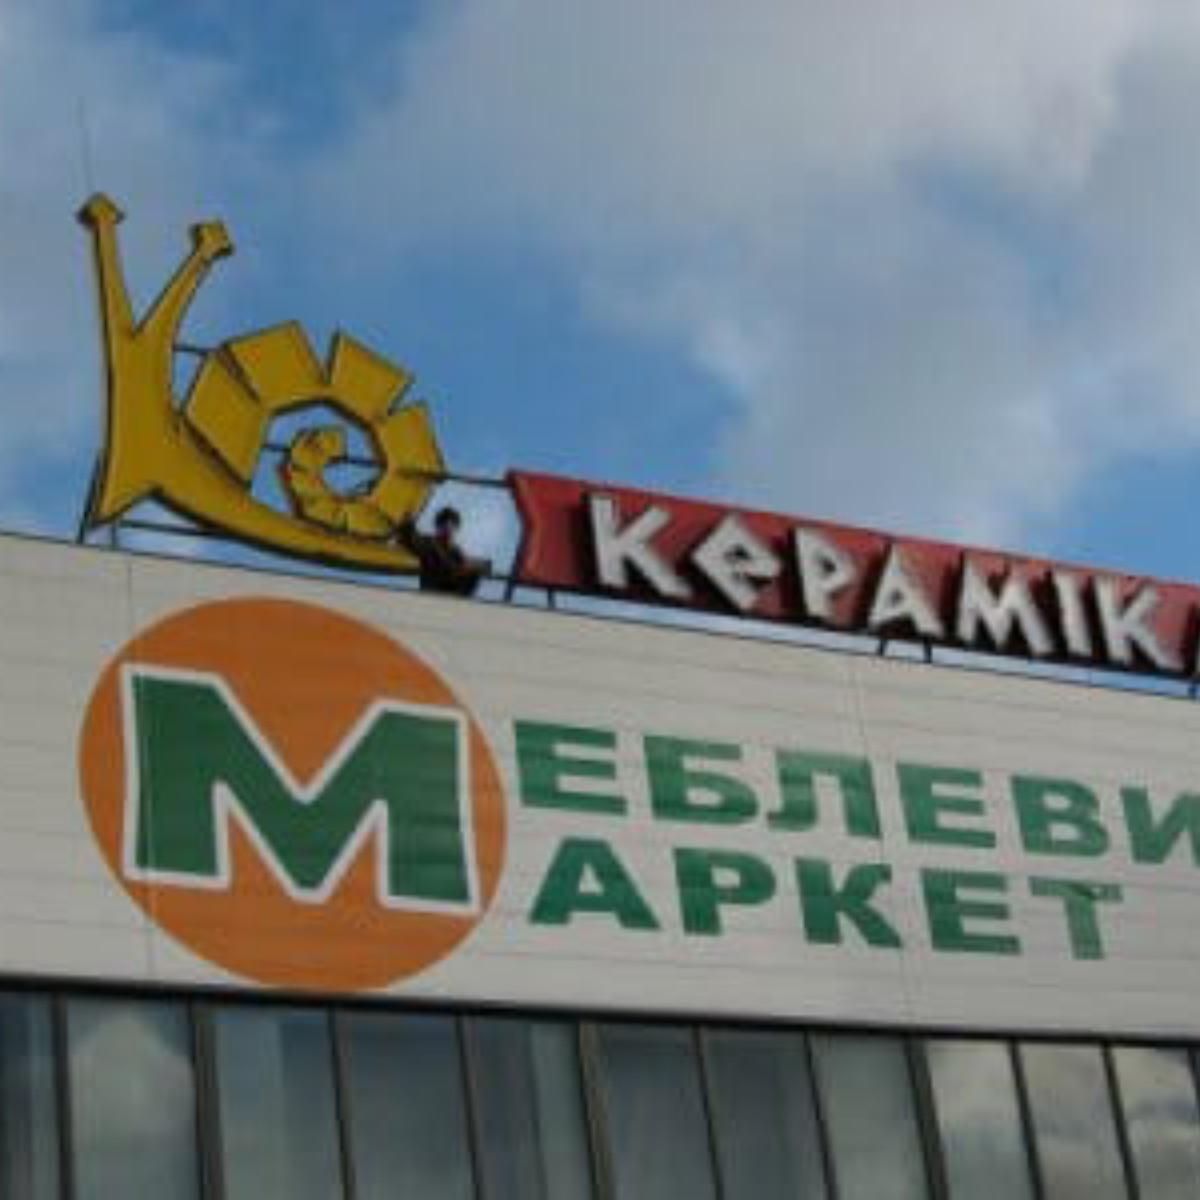 Кераміка меблевий маркет